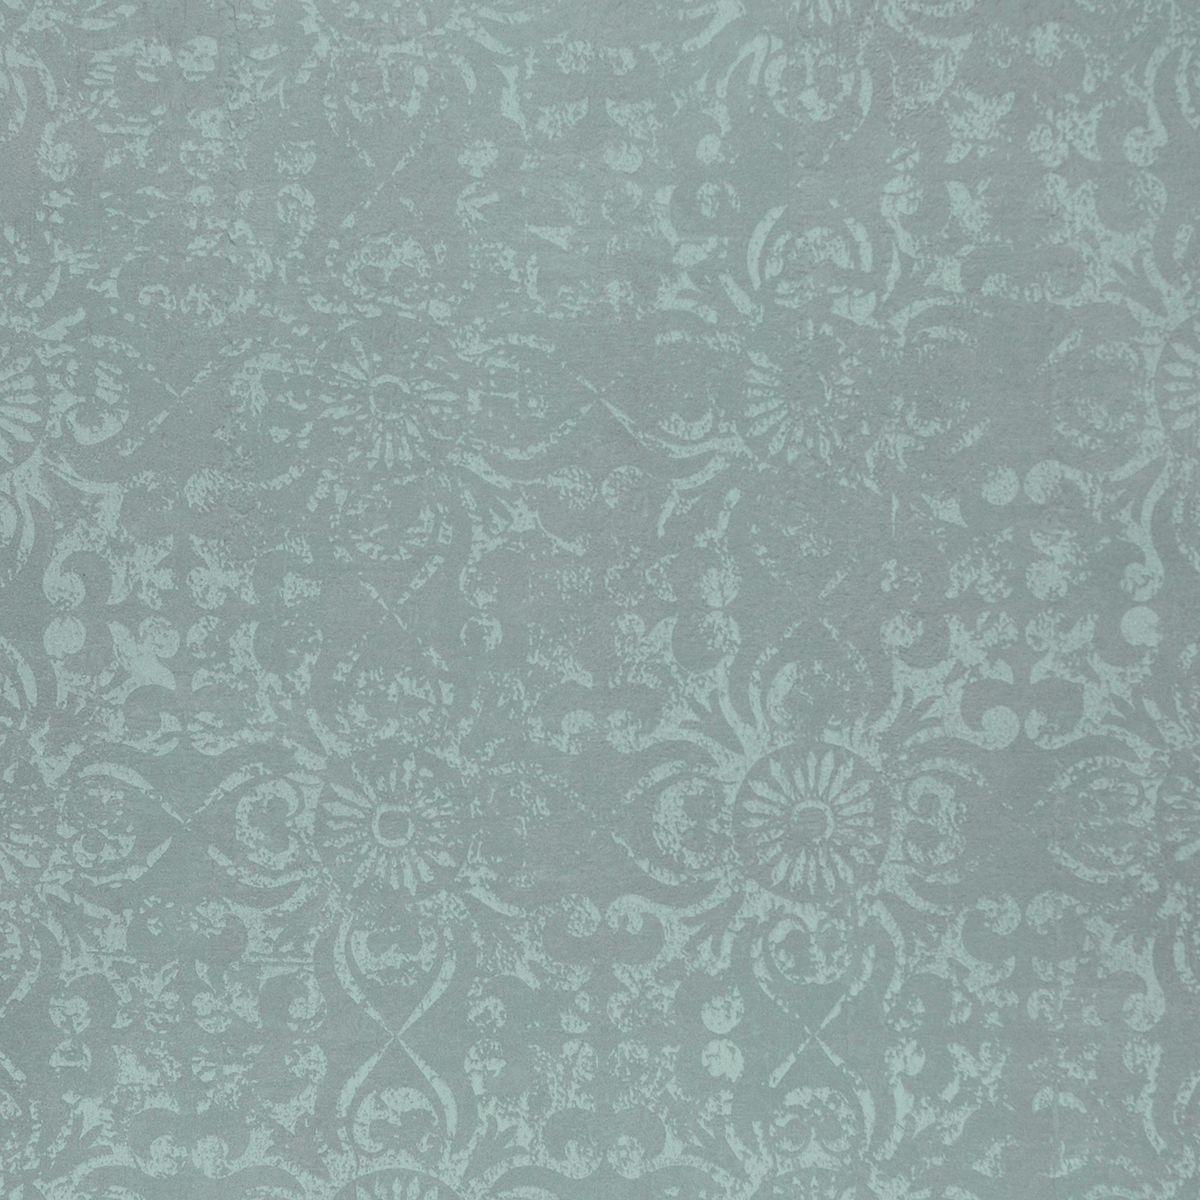 Декор Cemento Grigio 45x45 (zwxf8d) изображение 0